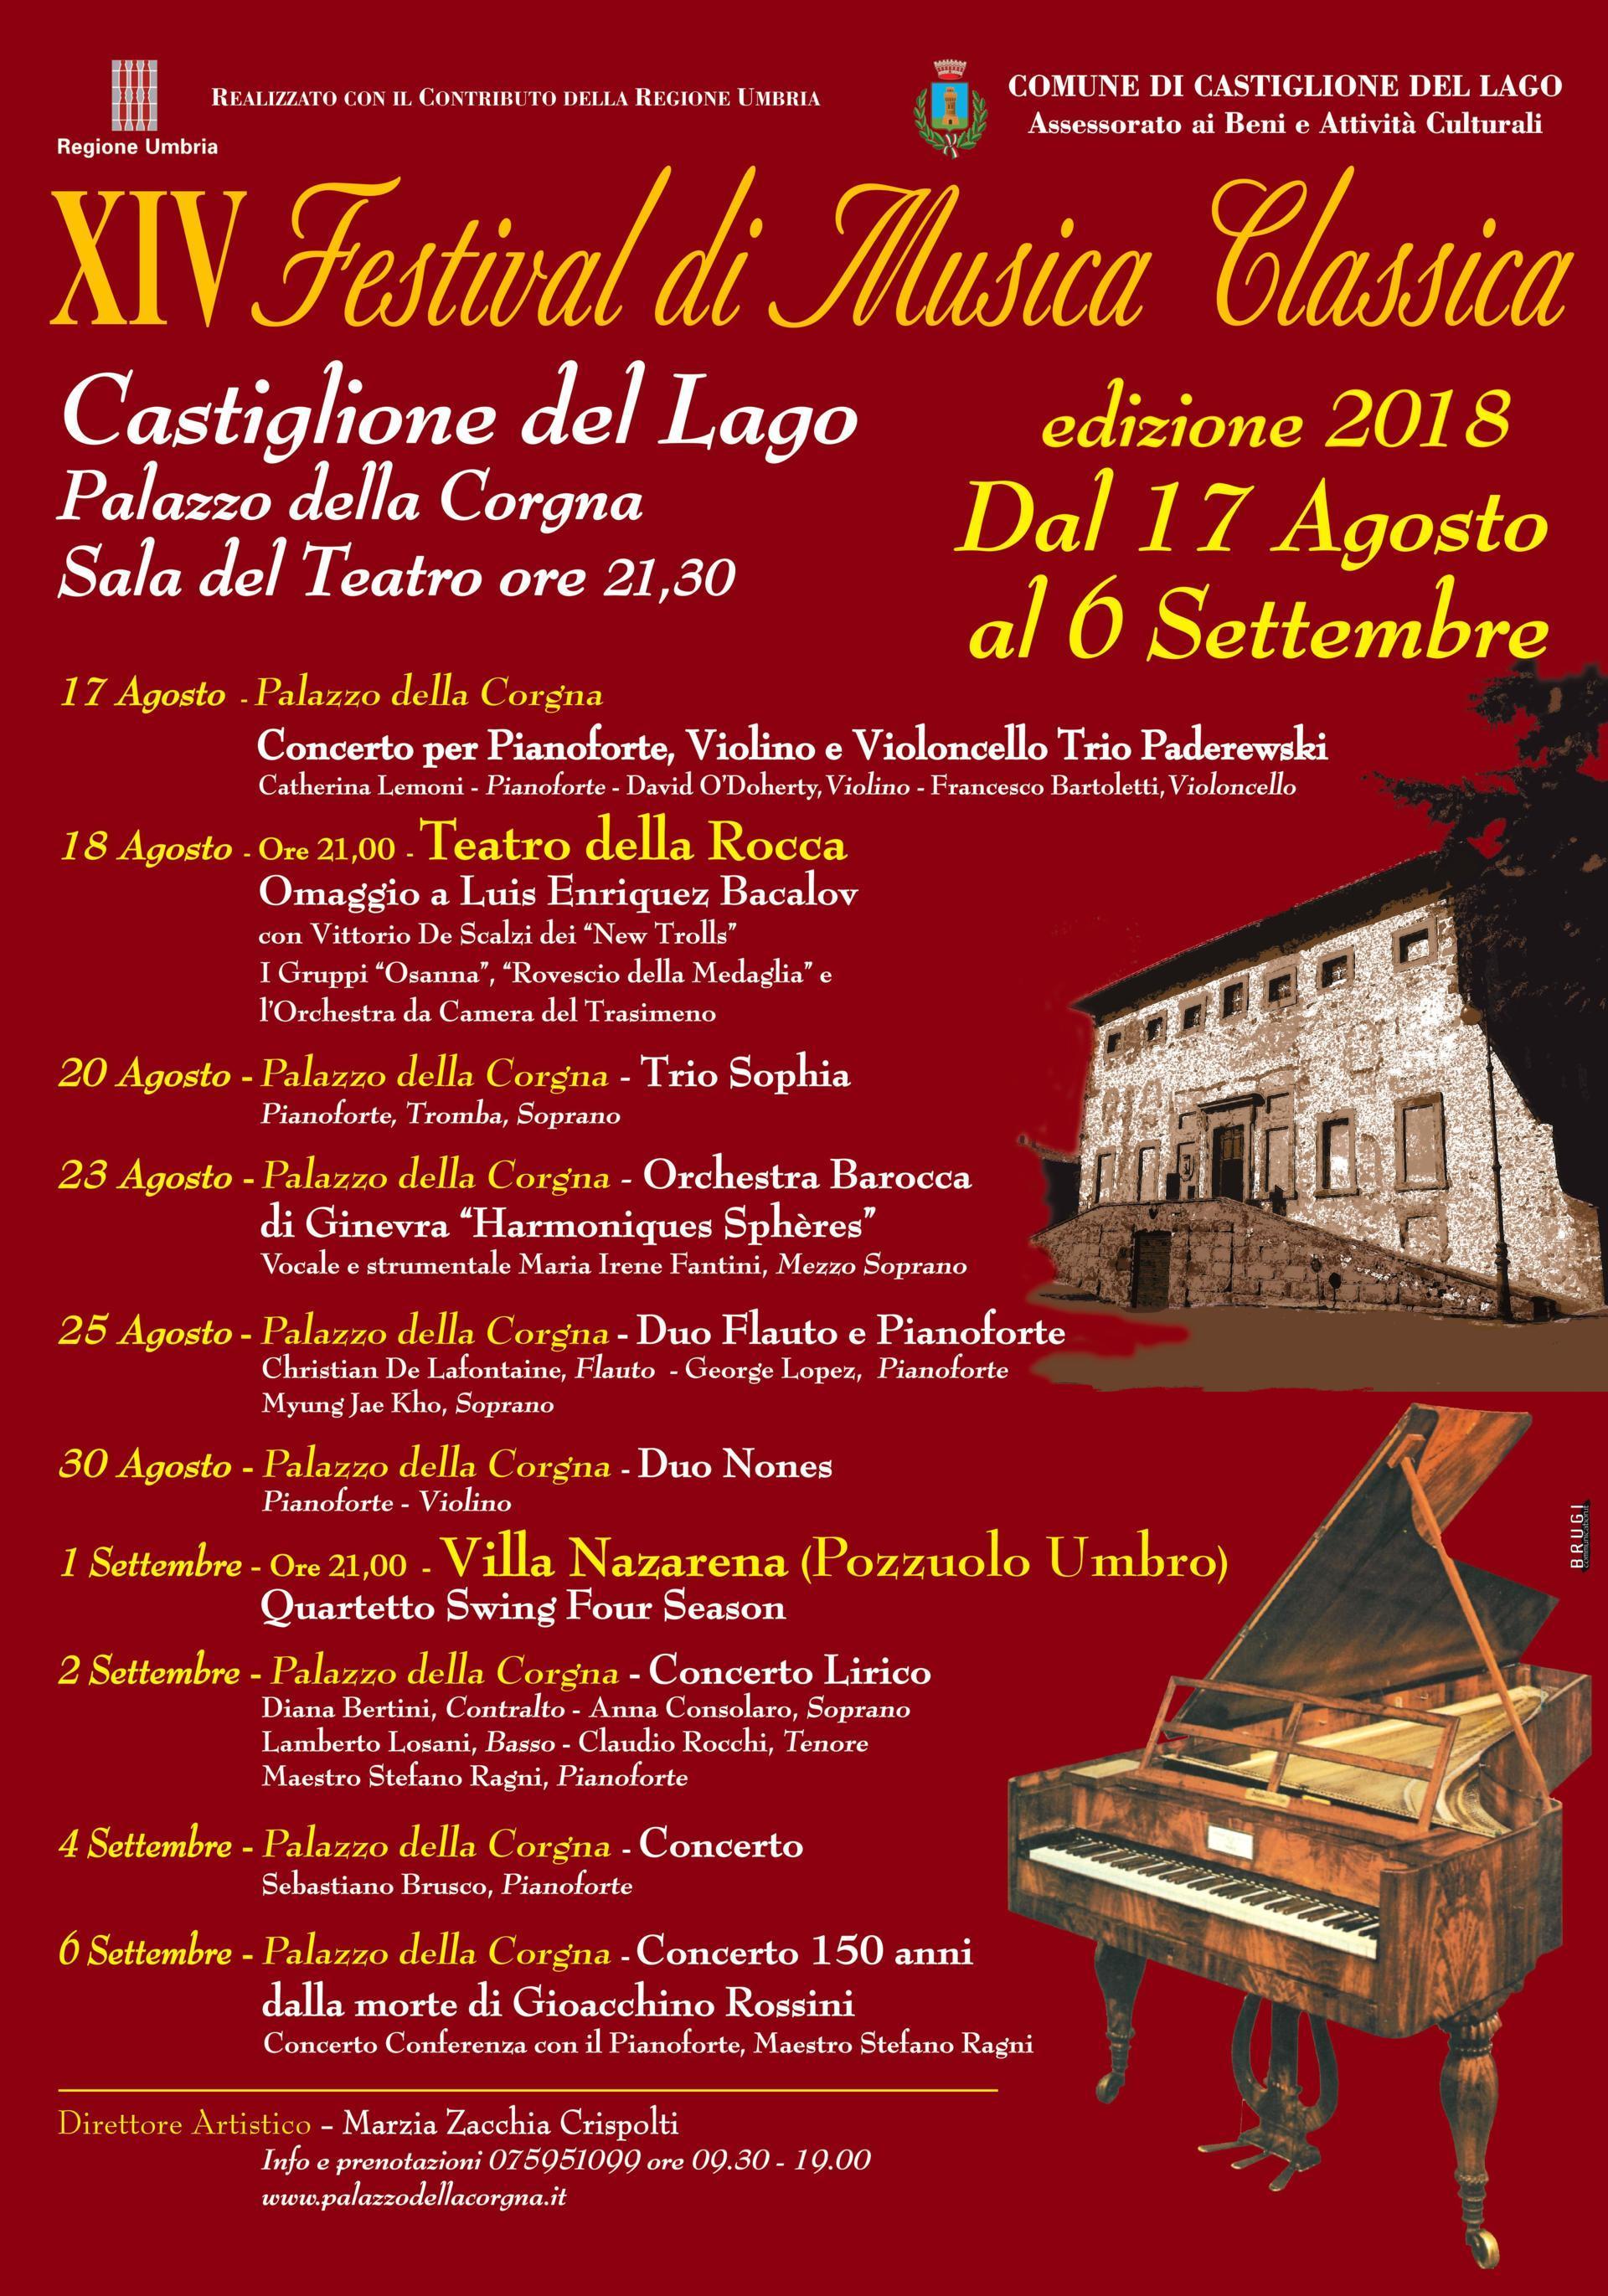 XIV Festival di Musica Classica 2018 castiglione del lago